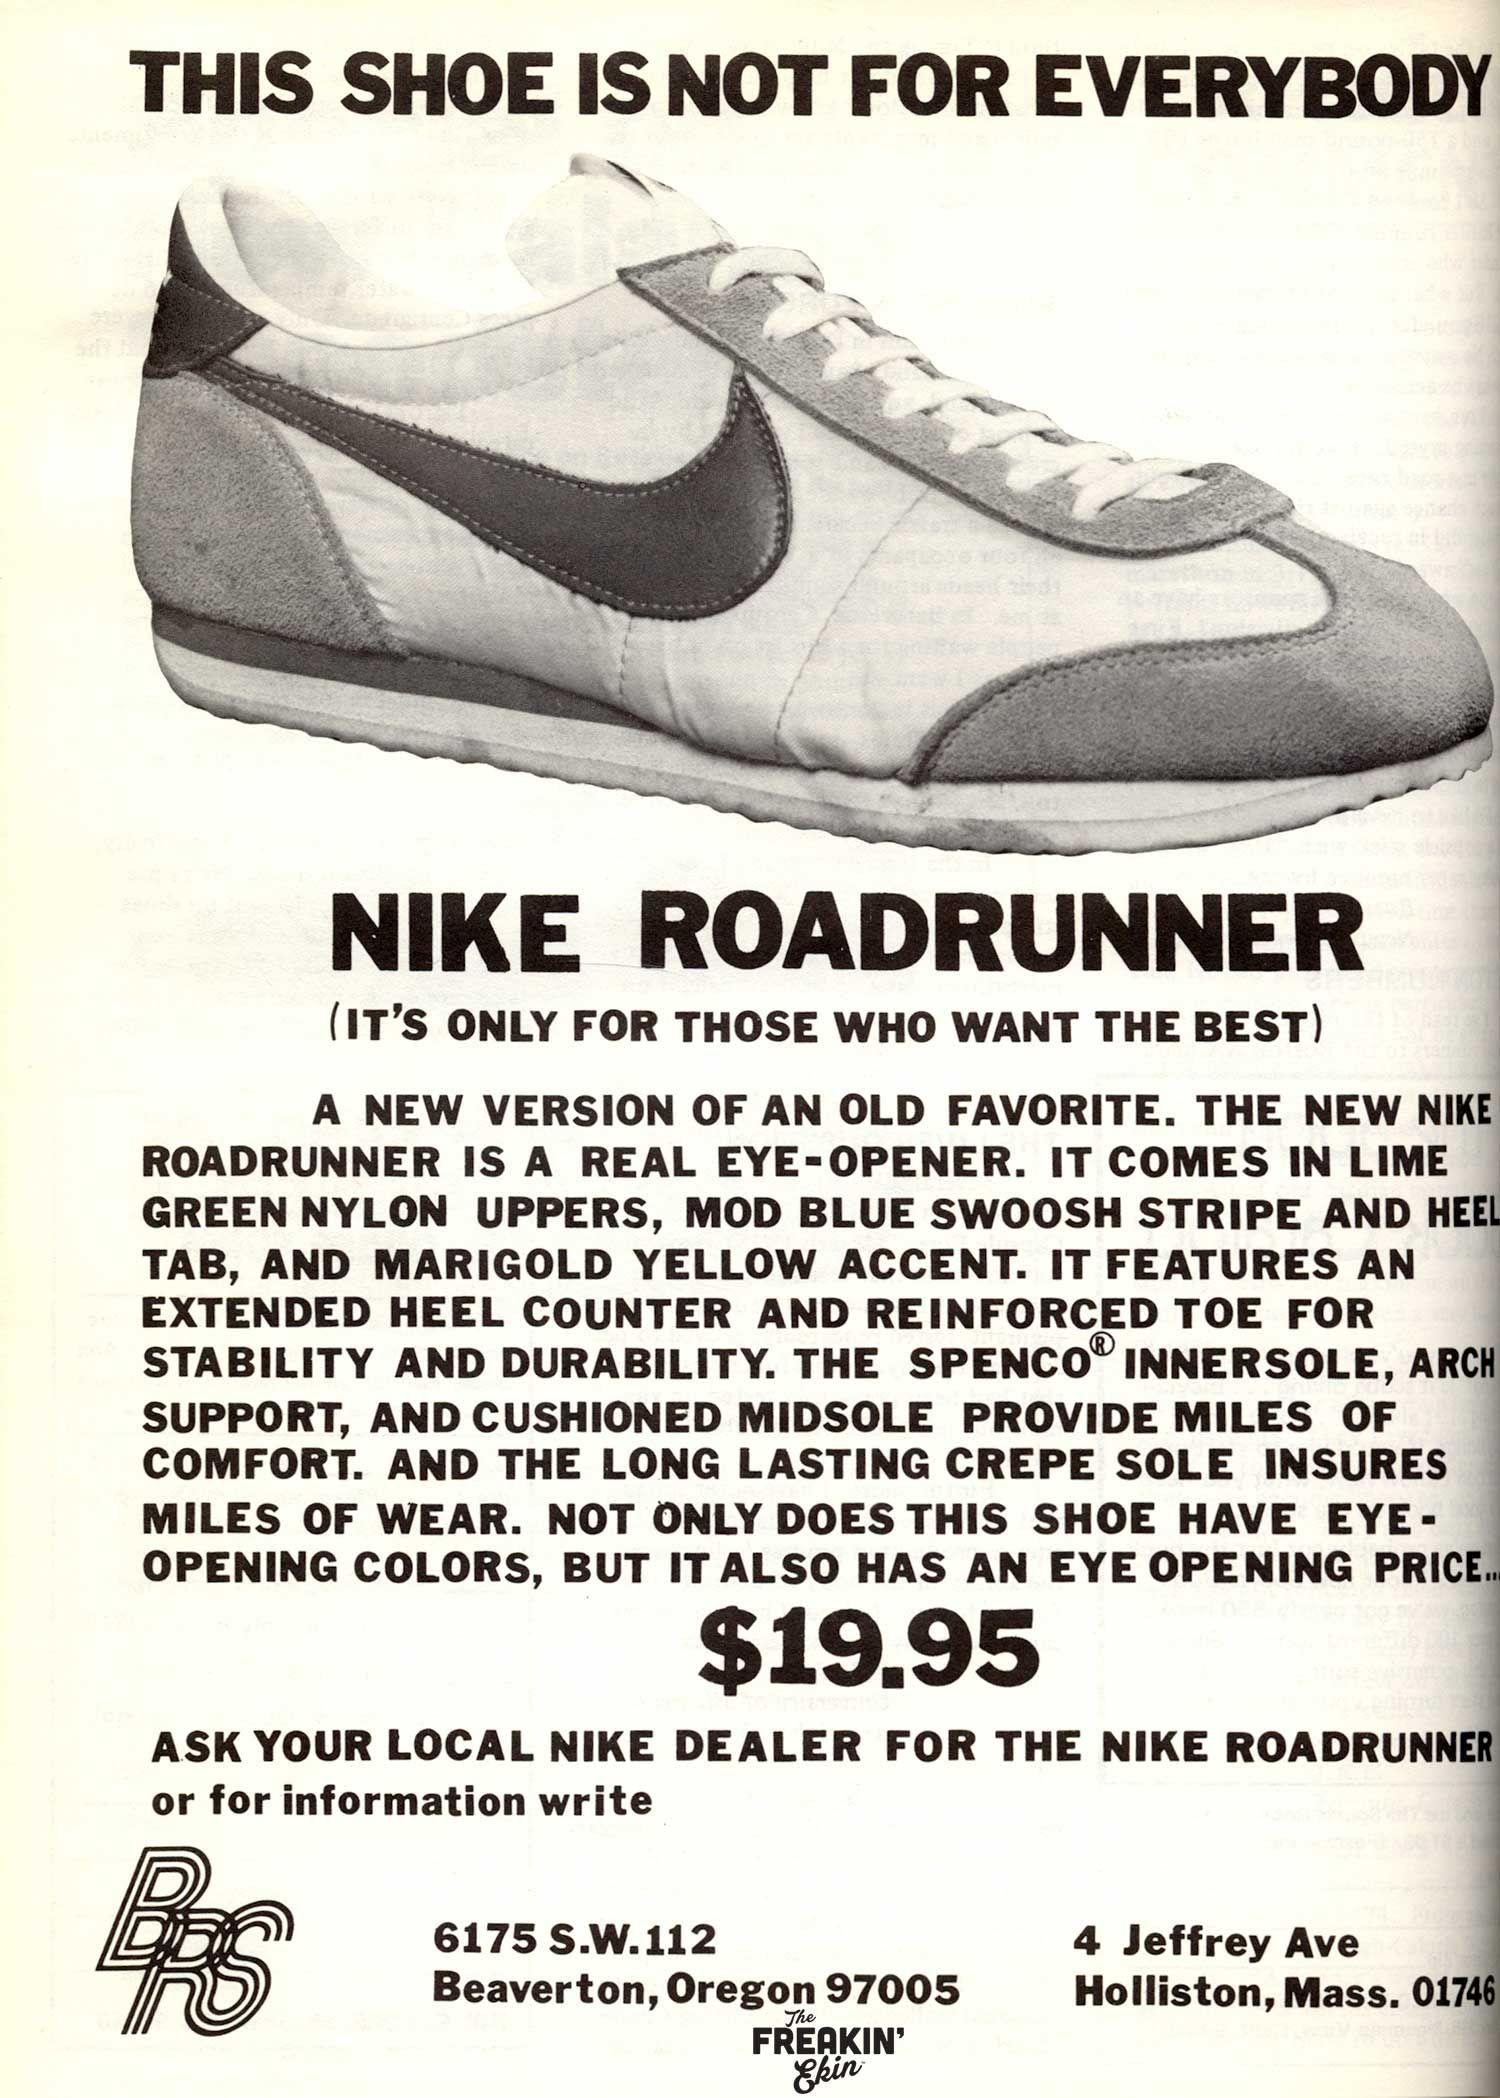 Nike Roadrunner 1970s vintage sneakers | Vintage sneakers